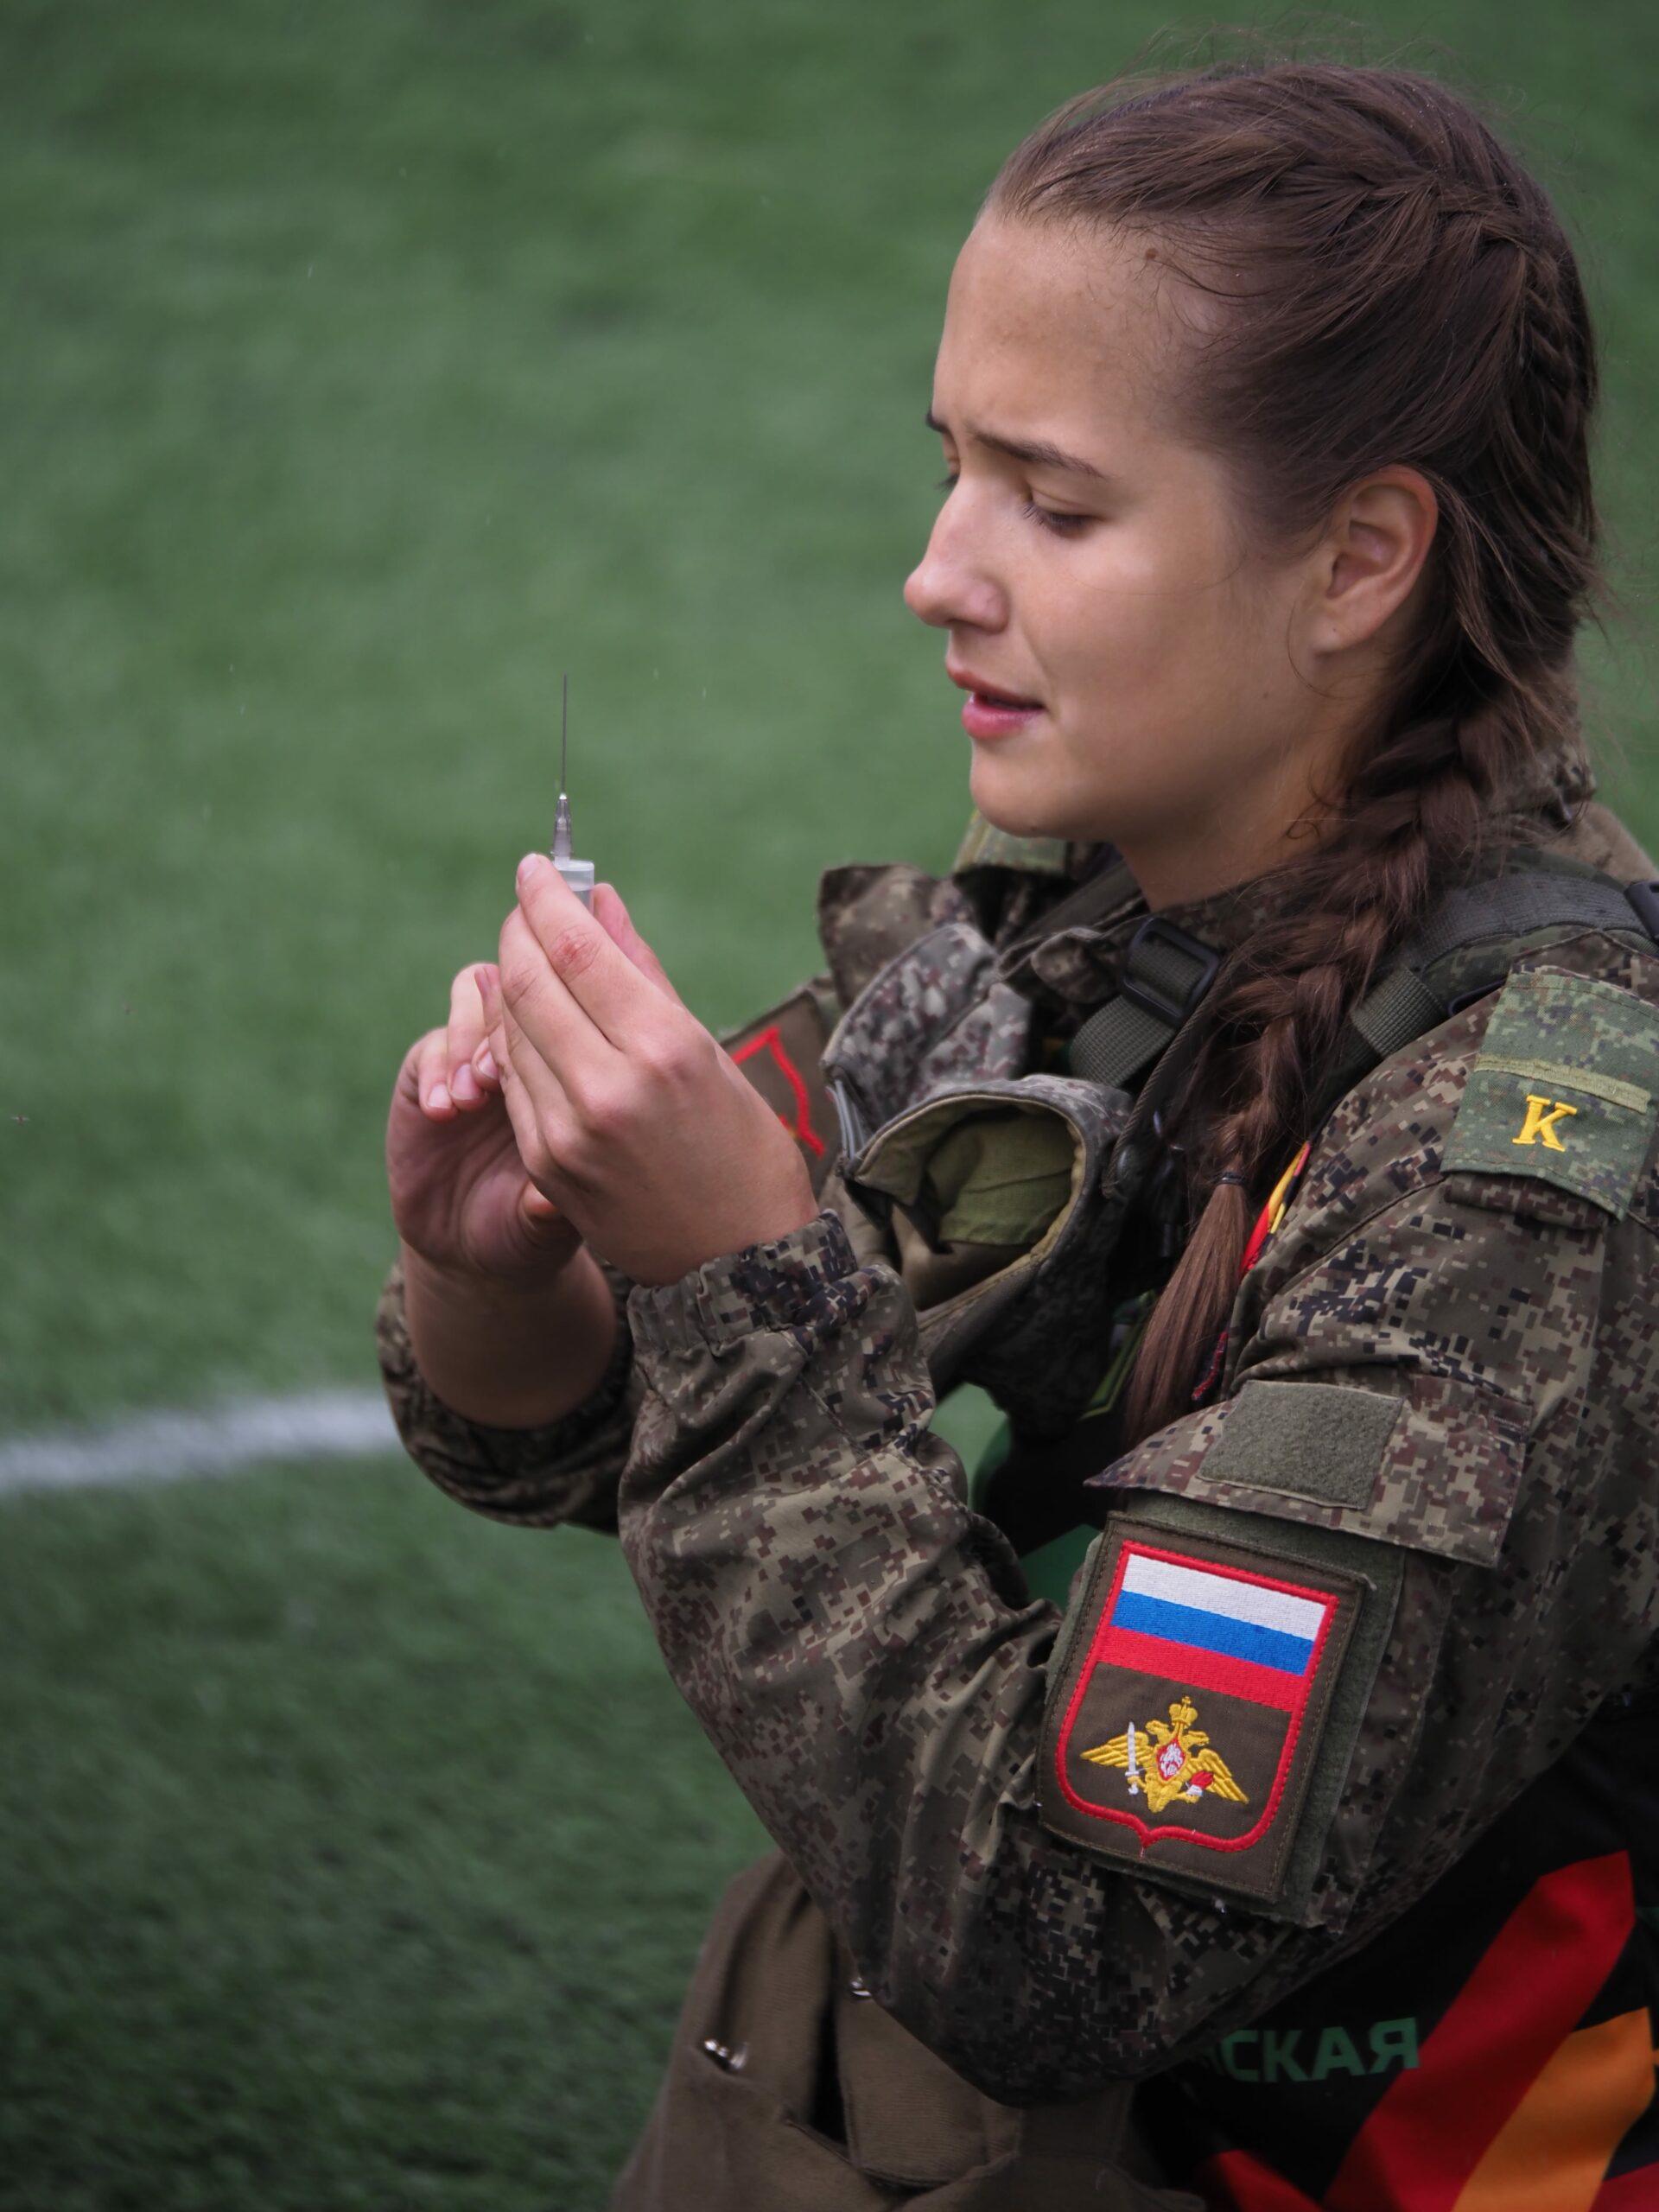 В Красном Селе завершилось индивидуальное первенство военно-медицинской эстафеты